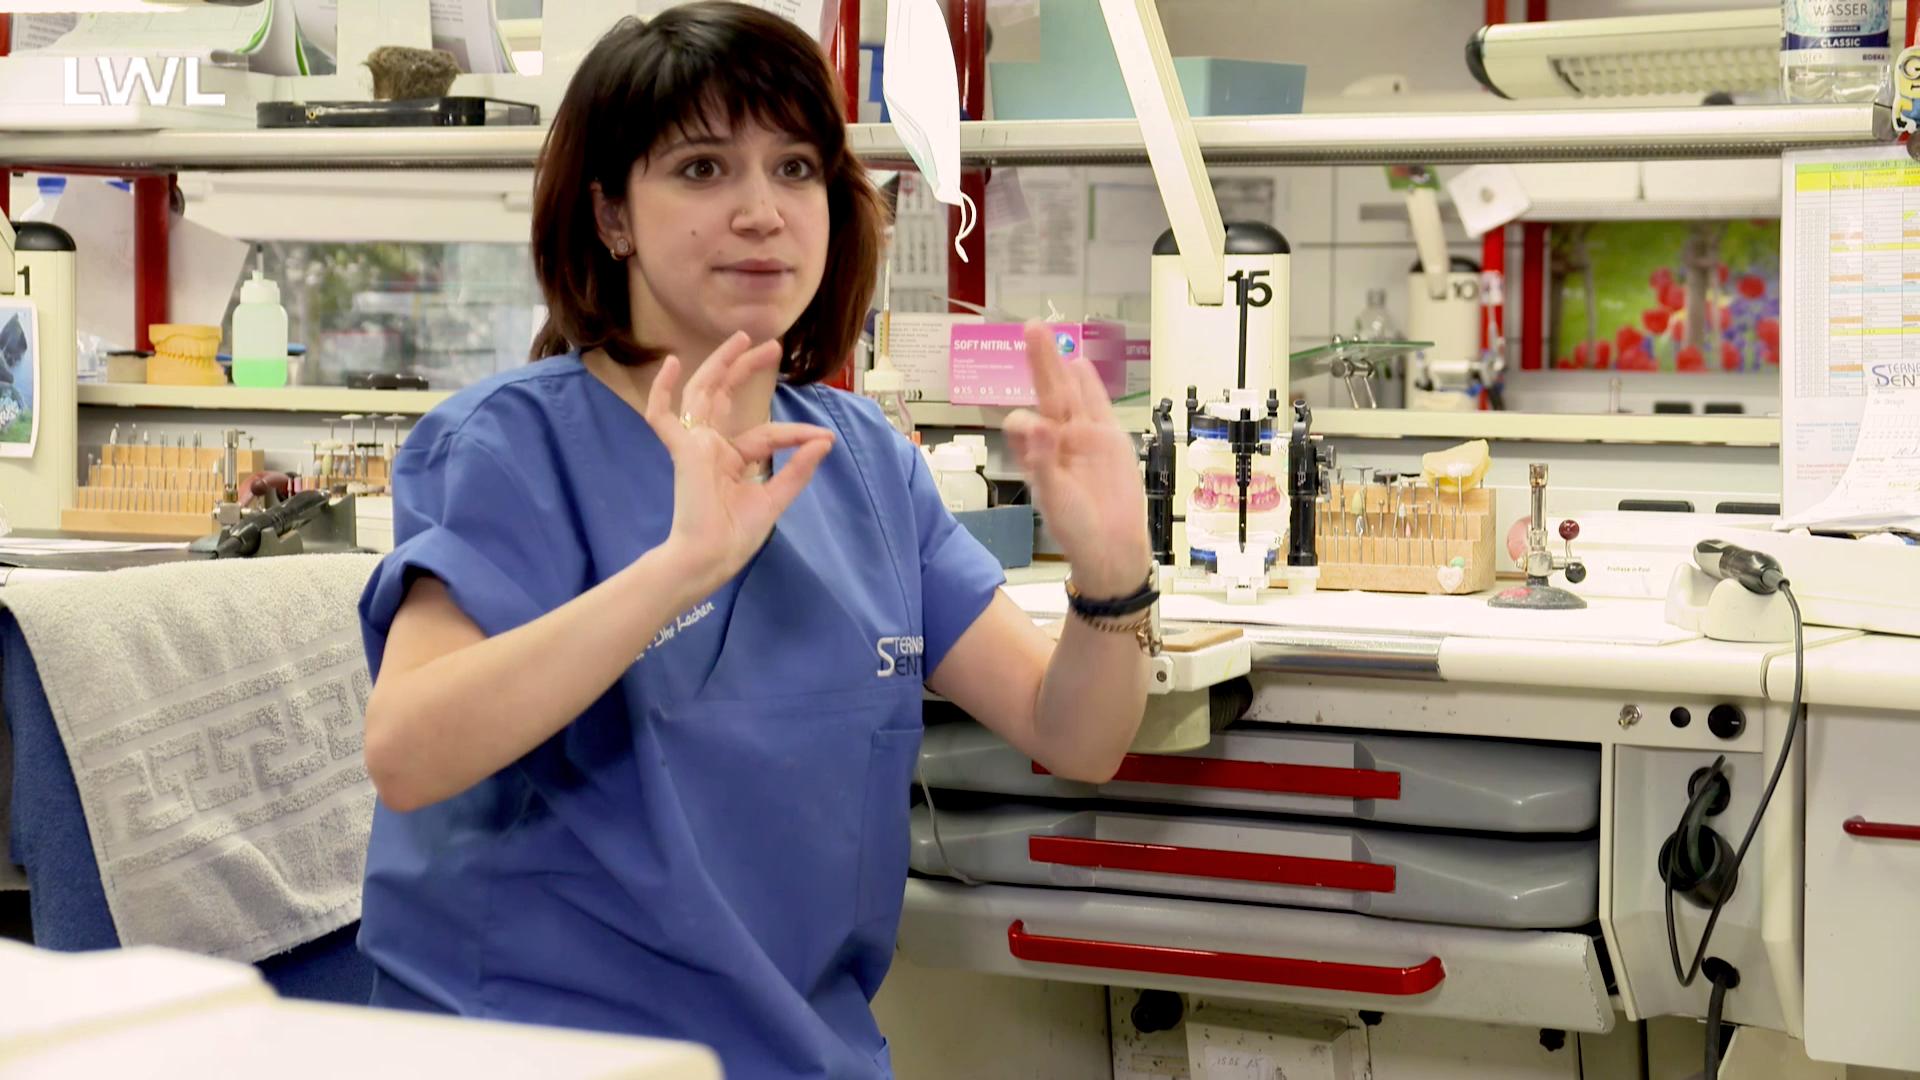 Eine gehörlose Zahntechnikerin des Dentallabors erklärt in Gebärdensprache etwas in die Kamera.